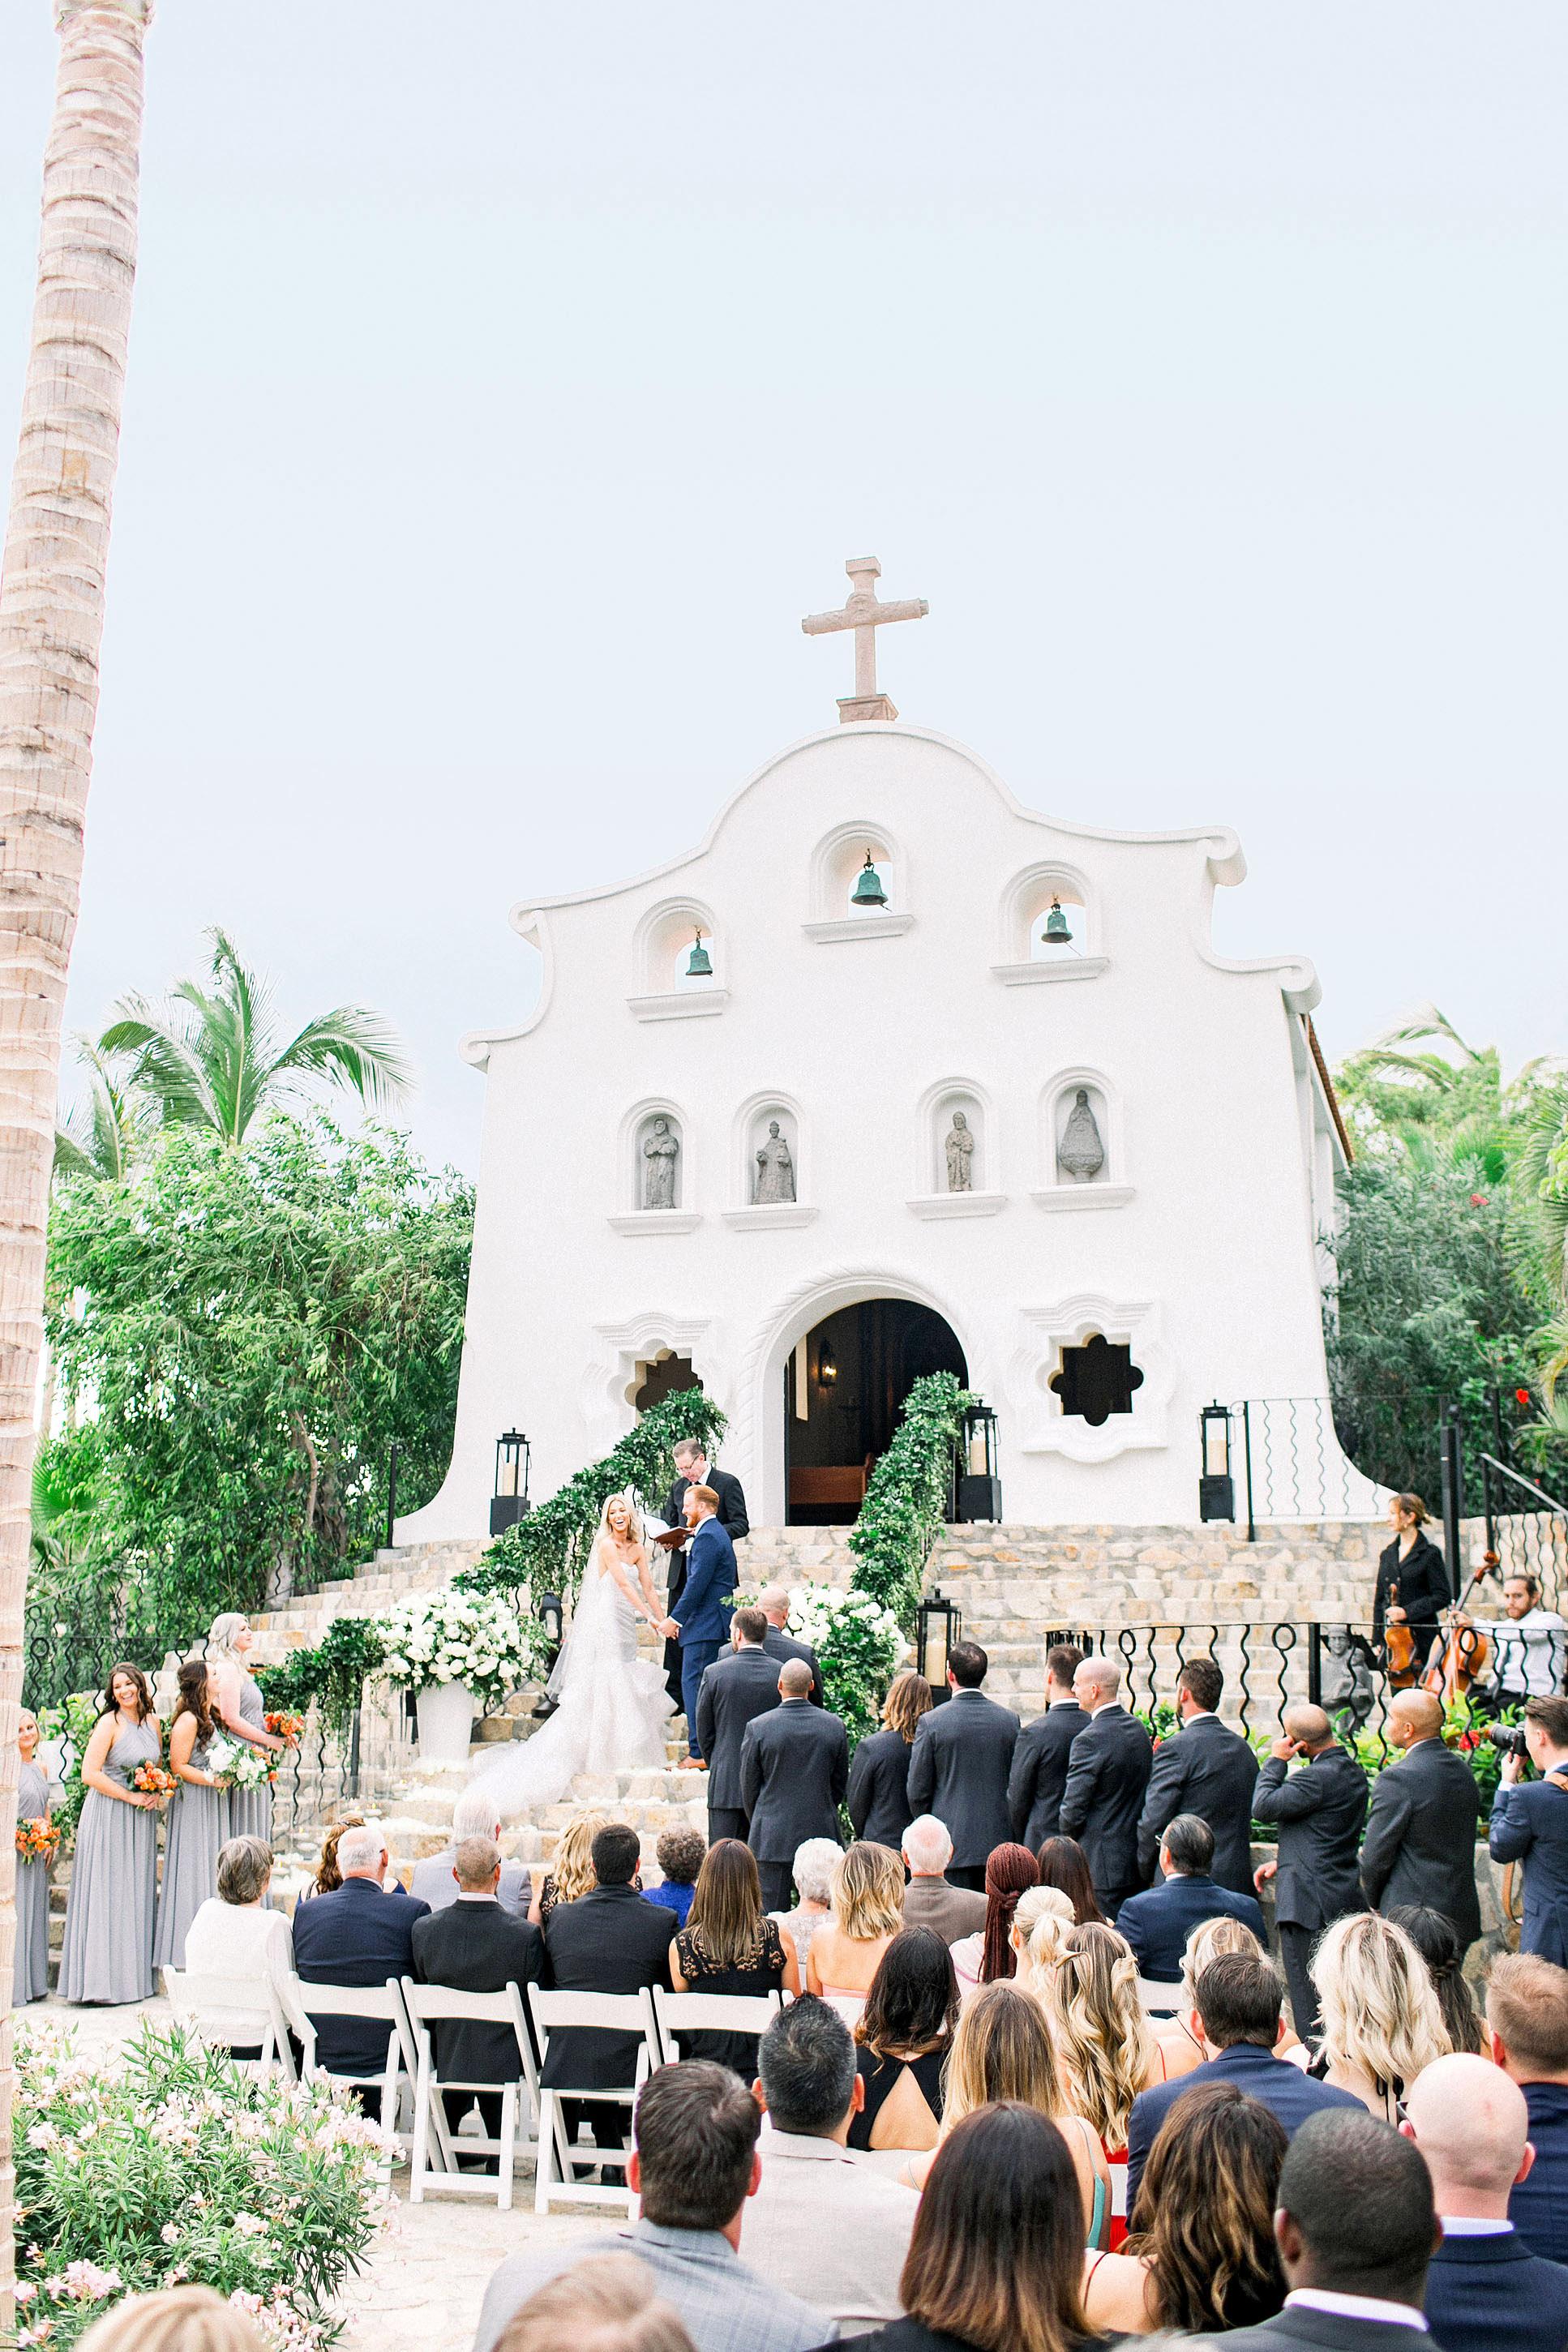 kourtney justin wedding mexico ceremony outdoor church